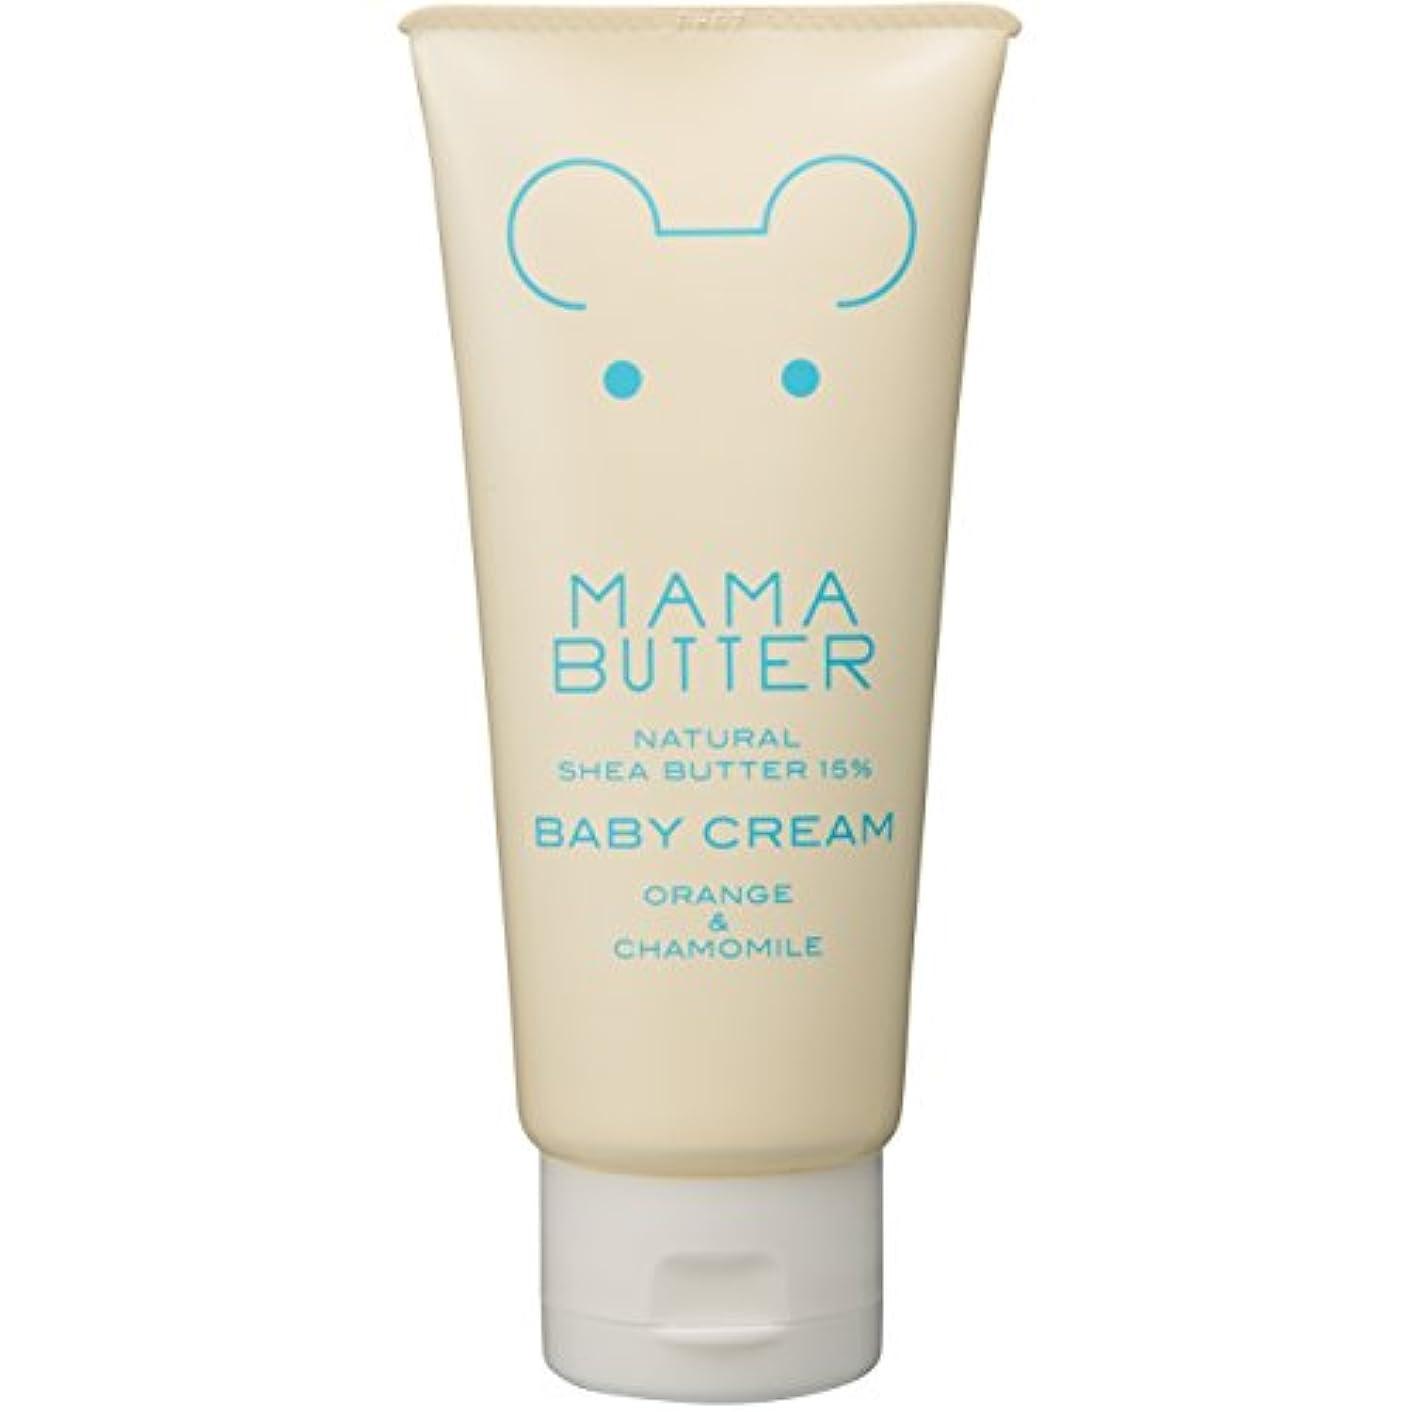 配偶者湿った提案するママバター ベビークリーム 天然 オレンジ&カモミールの香り 130g